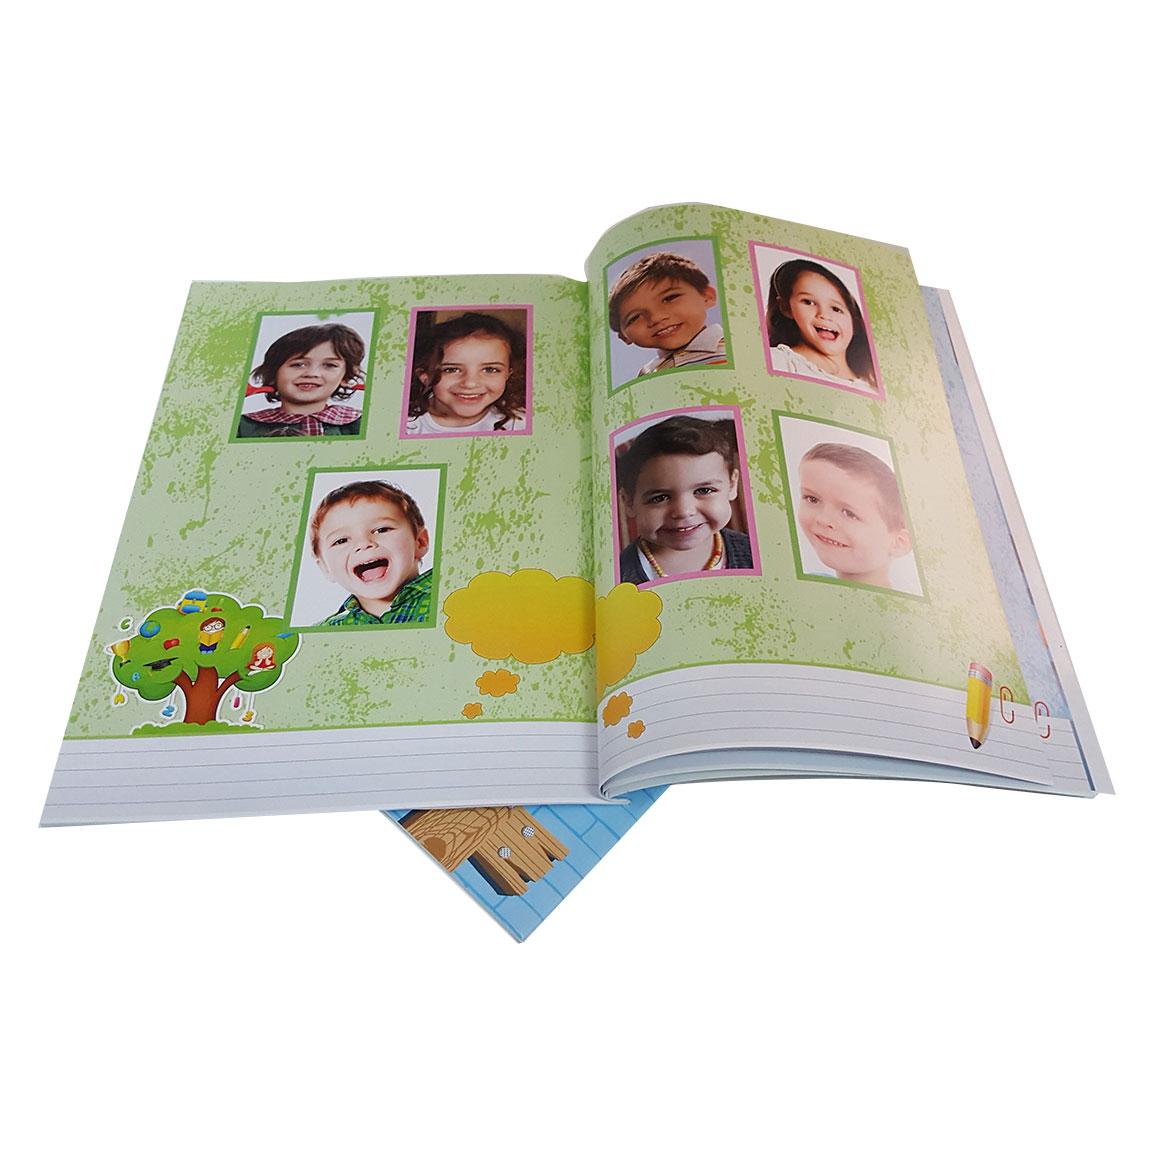 מסכמים שנה נהדרת בגן! אלבום סוף שנה A-4 אנכי בכריכה רכה 24 עמודים - תמונה 4